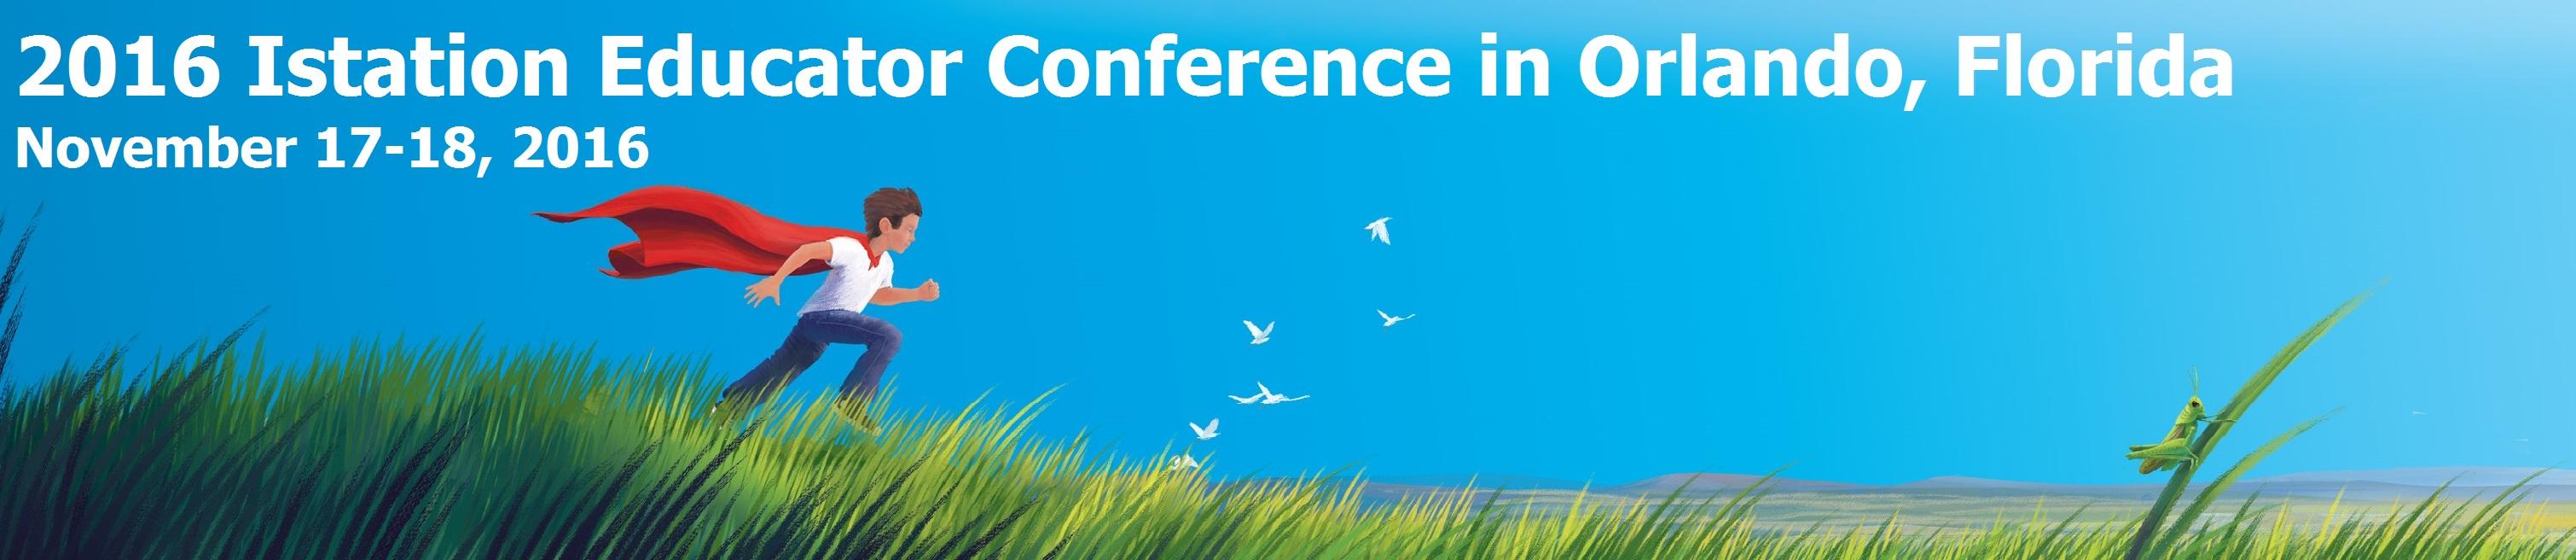 Florida_Conference_Banner.jpg